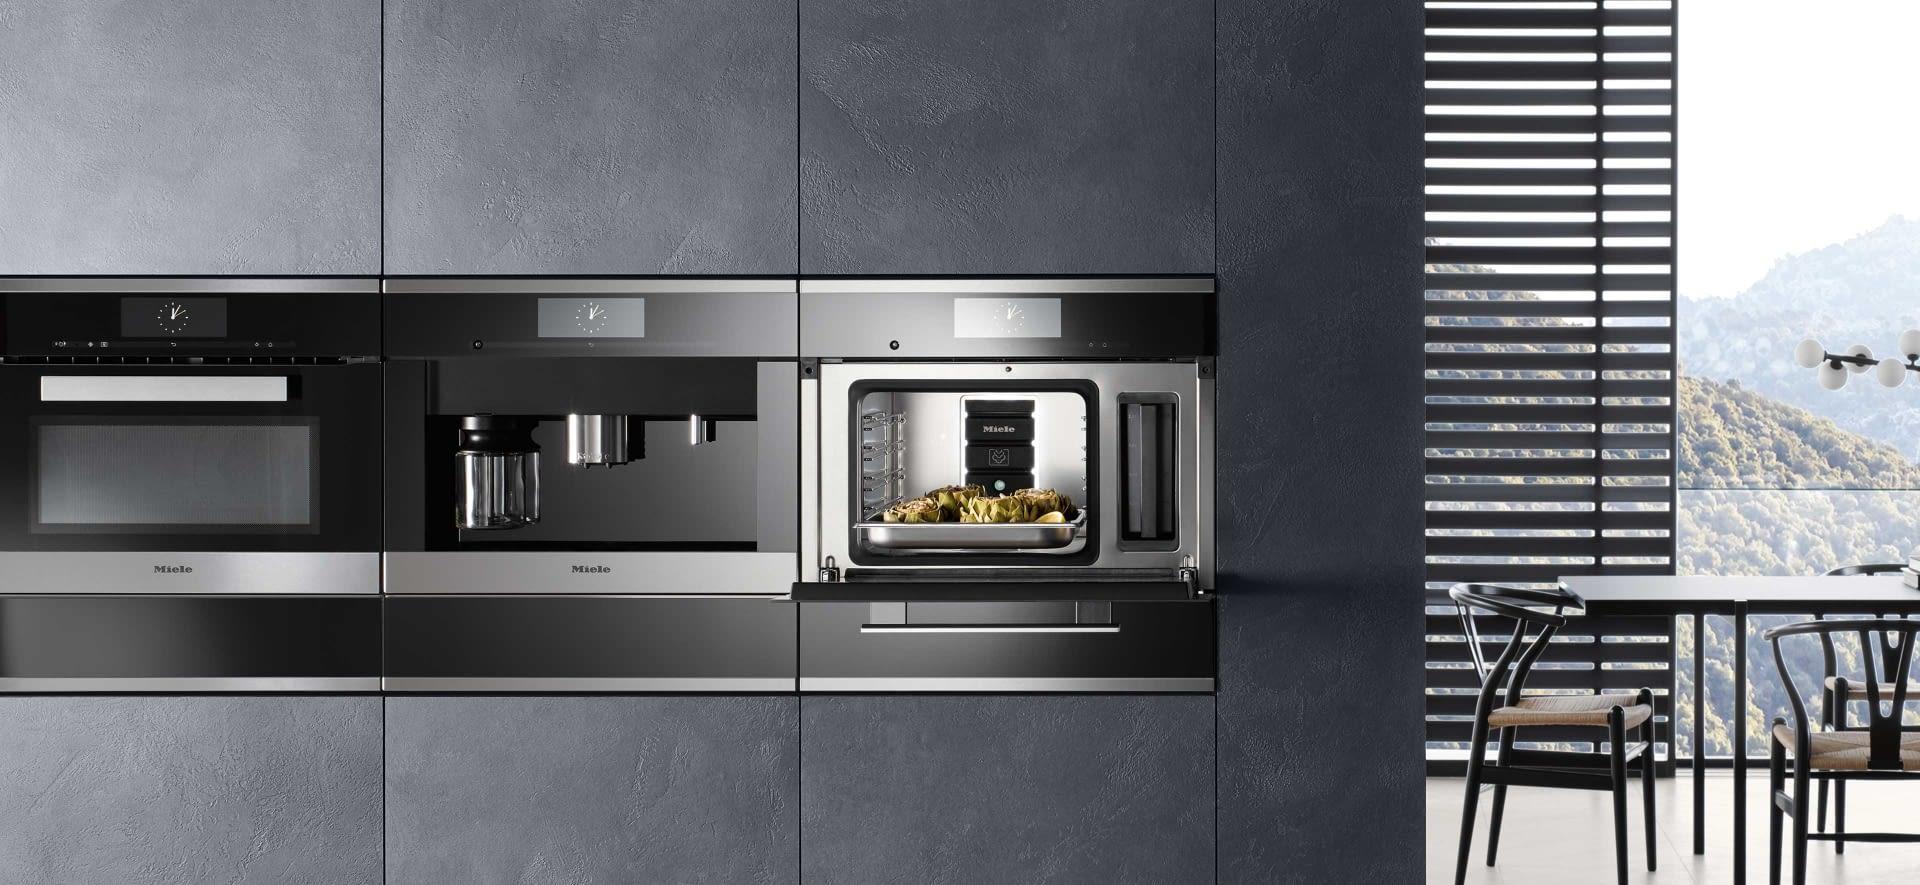 Ausgezeichnet Neueste Farbtrends In Küchen Fotos - Ideen Für Die ...